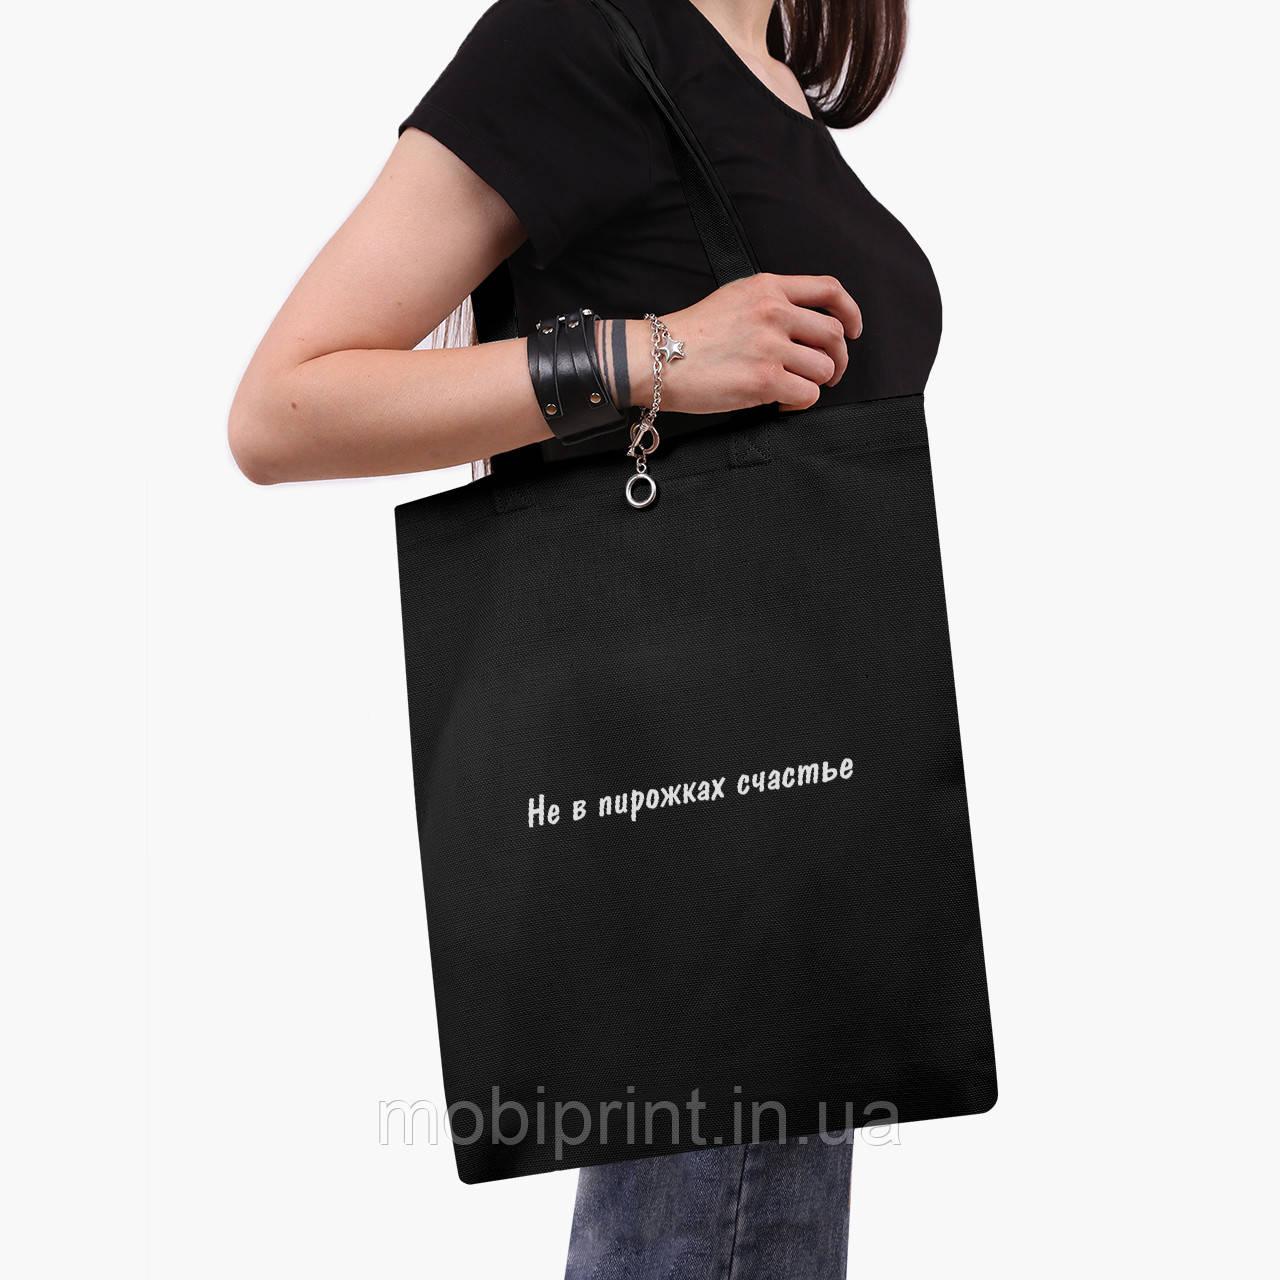 Еко-сумка з принтом (23-57) Білий